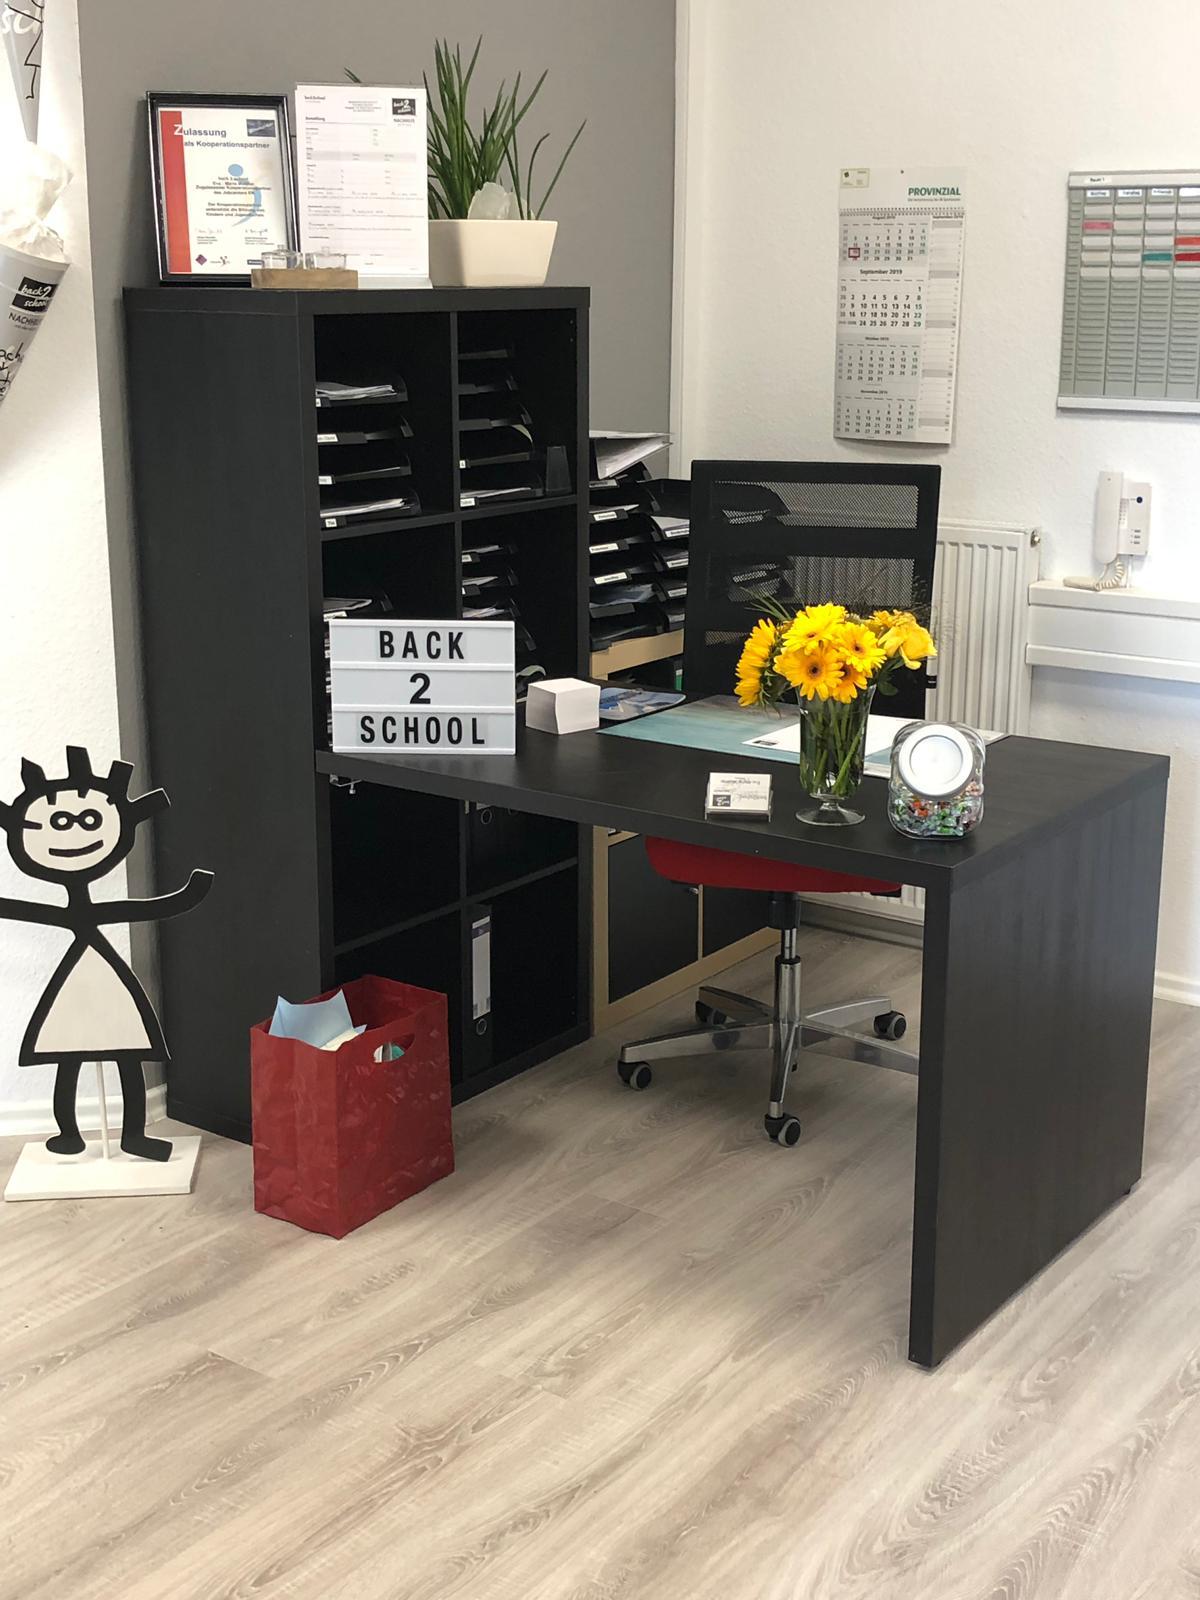 back2school Sprockhövel Büroleitung Jobs Nachhilfelehrer gesucht